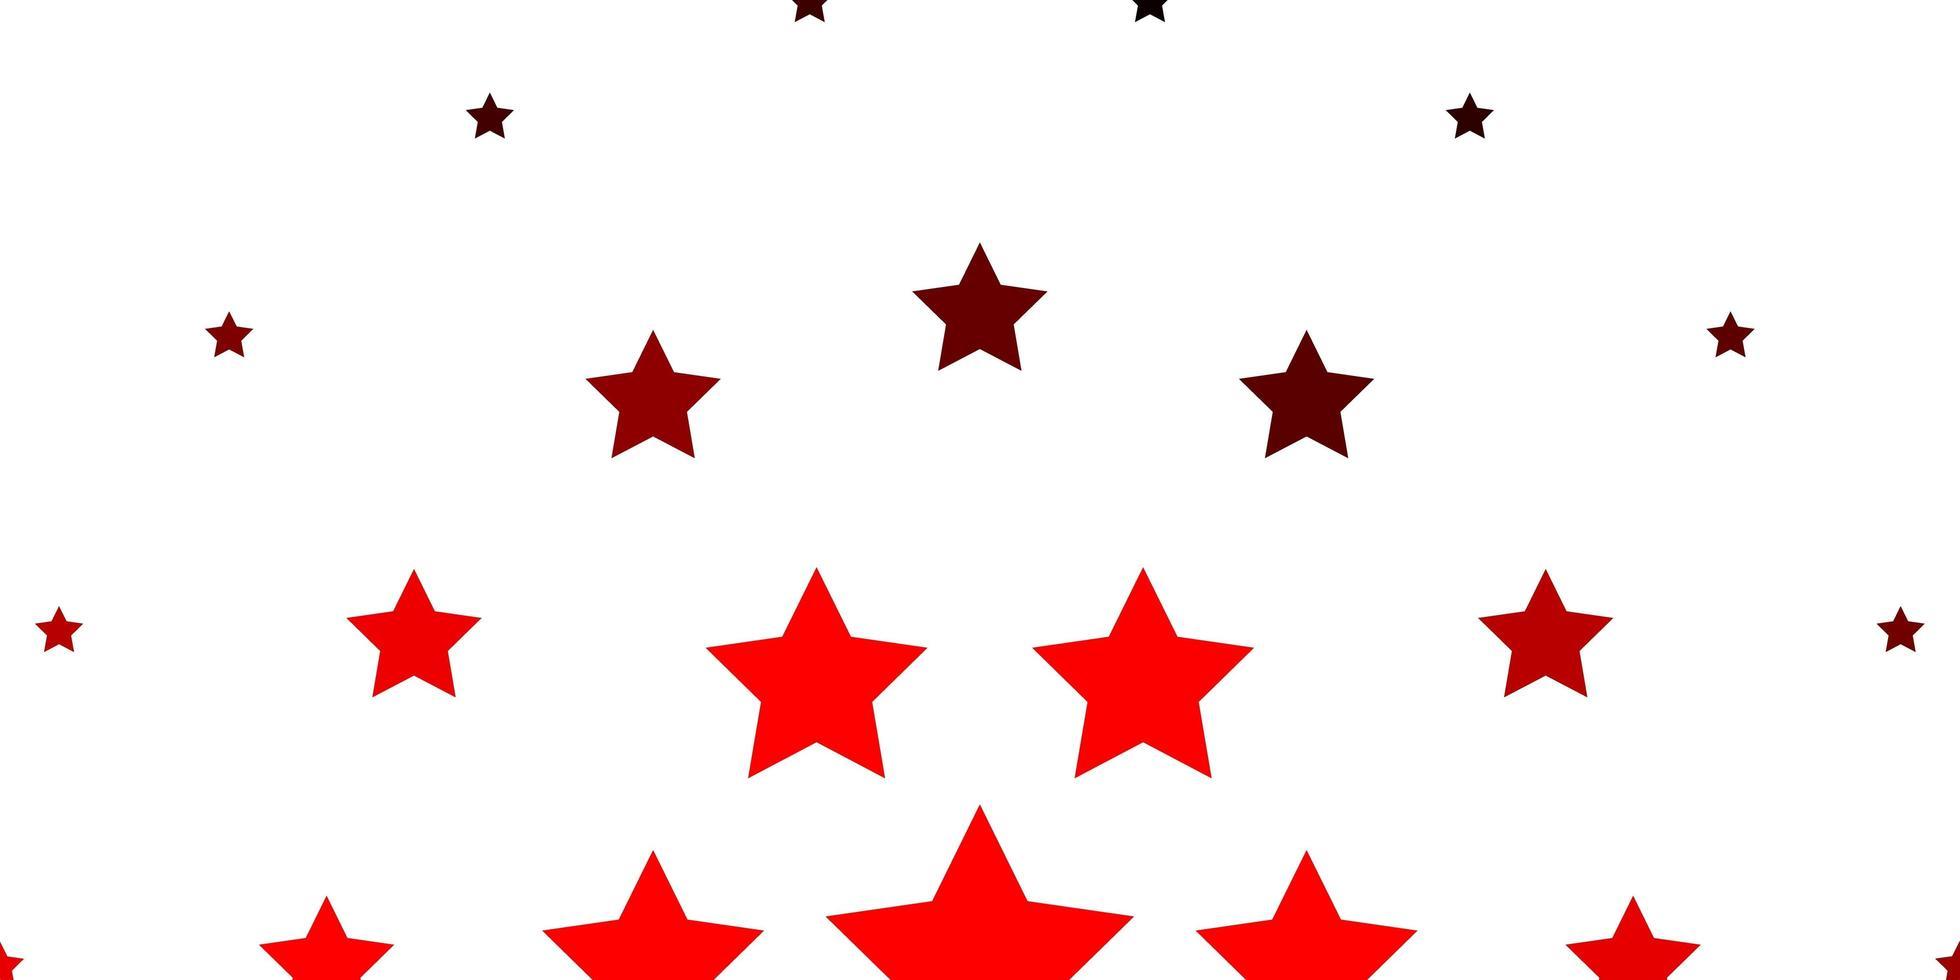 sfondo vettoriale rosso chiaro con stelle colorate.